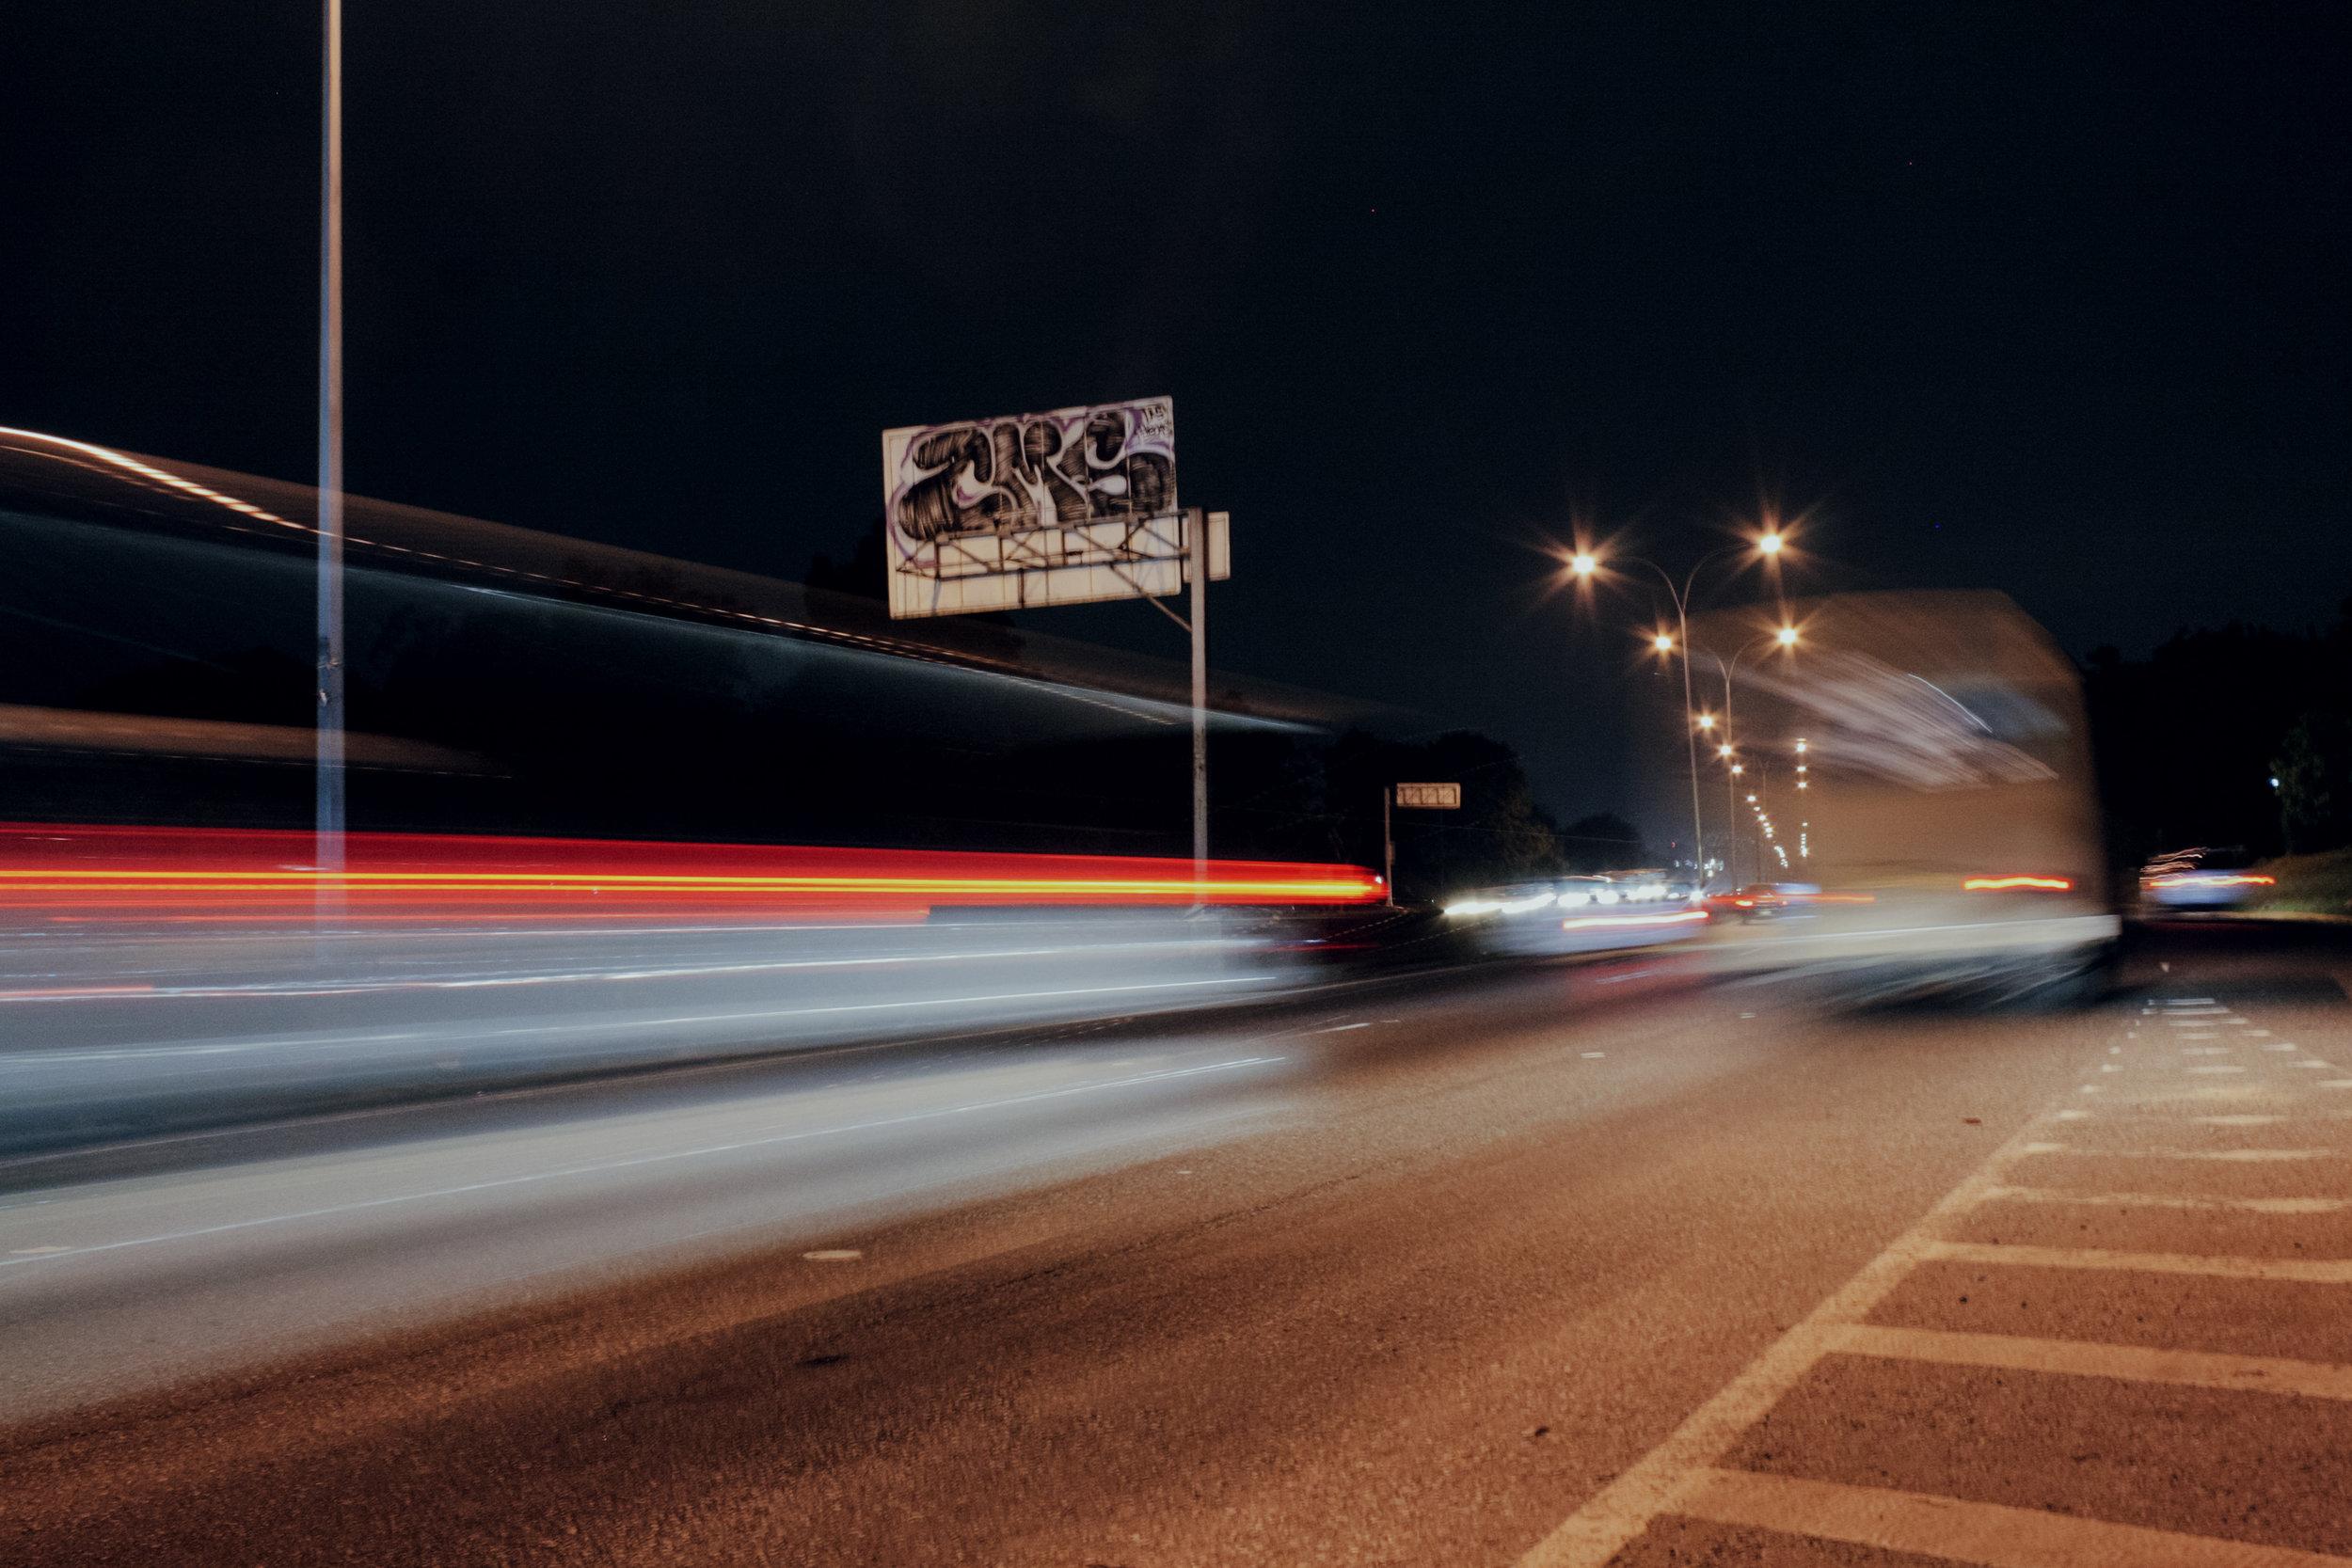 Loureiro_Caracas by Night_14.jpg